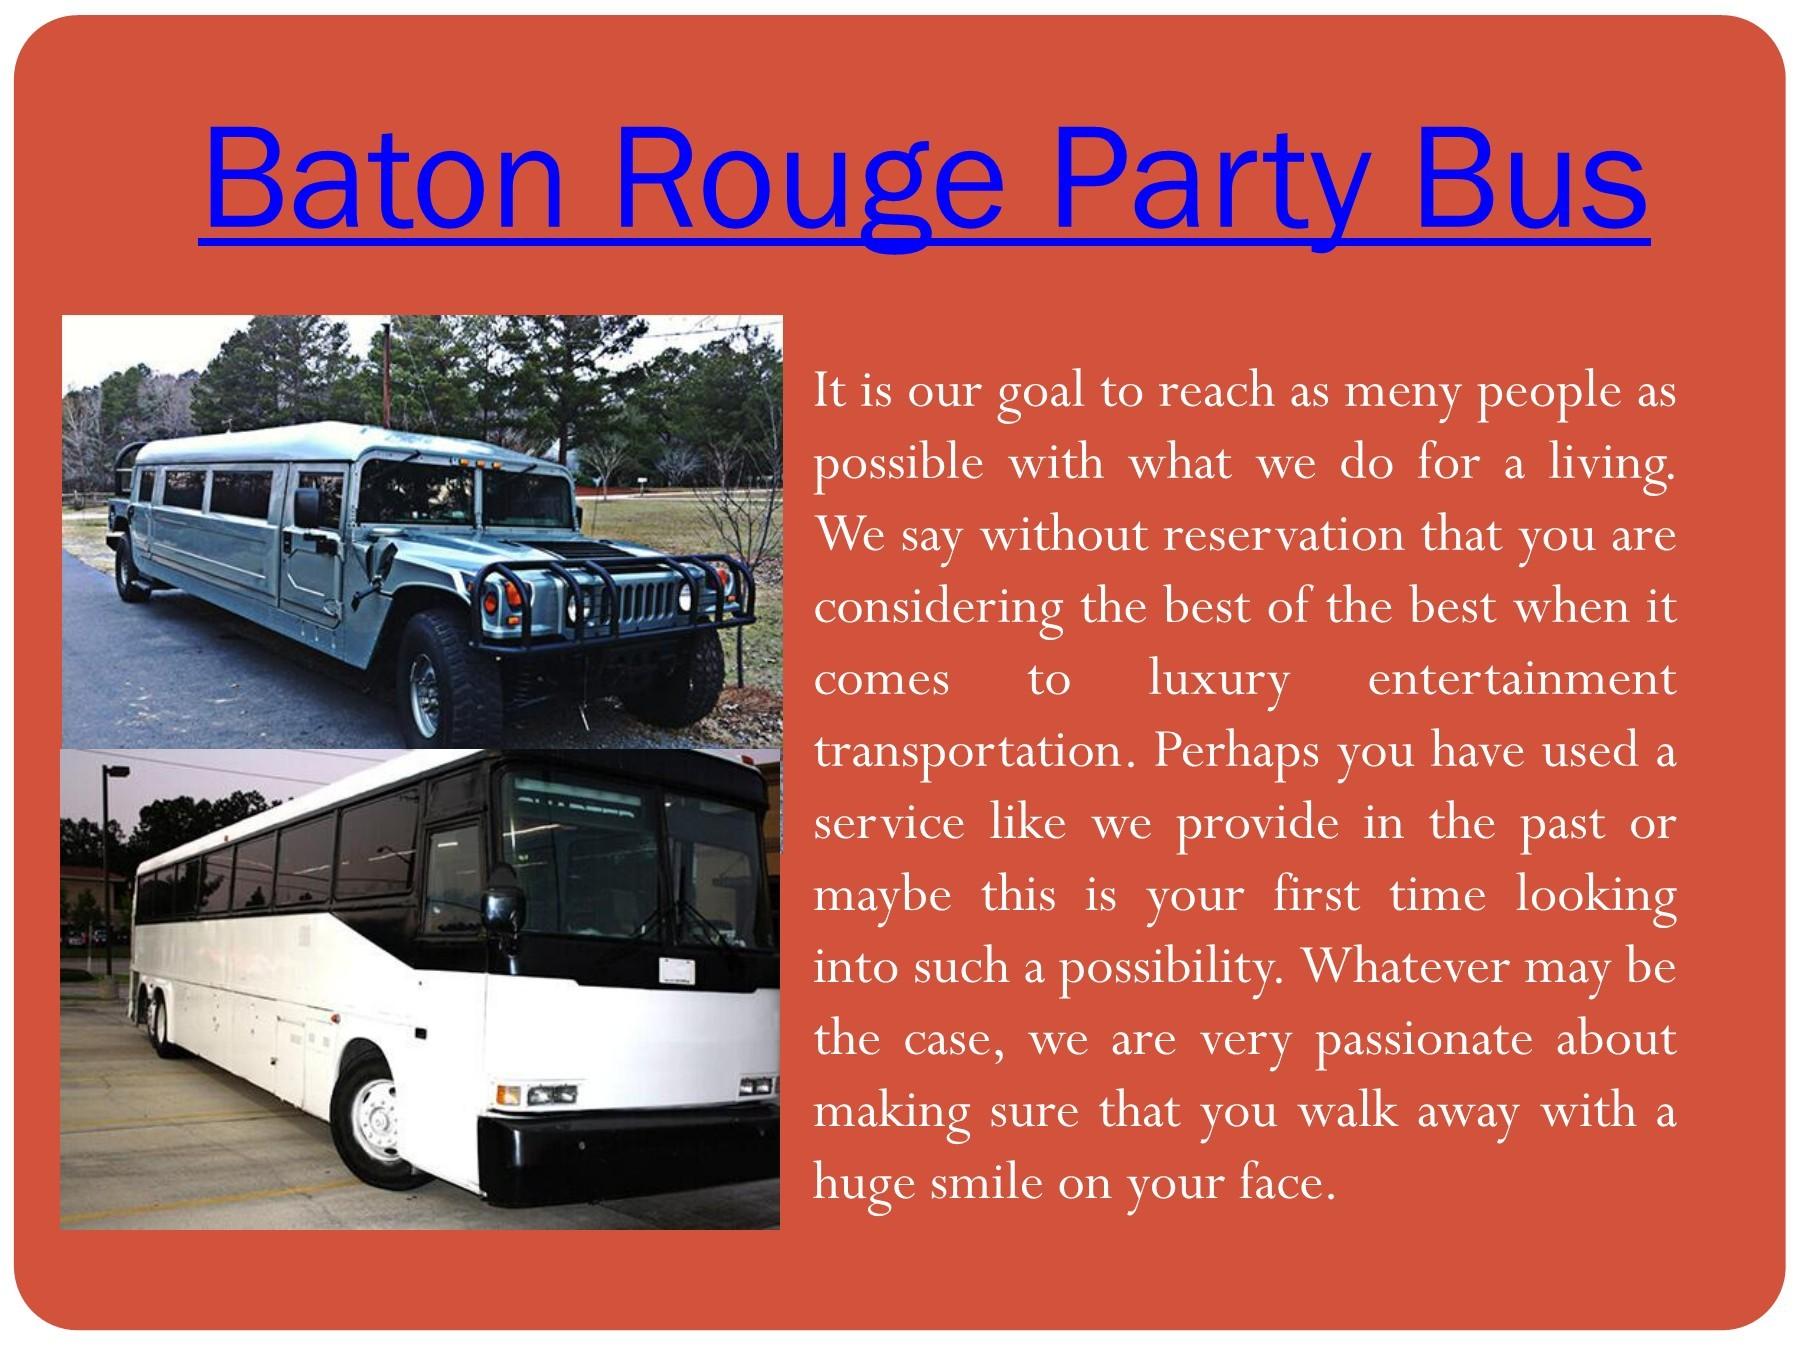 Baton Rouge Party Bus